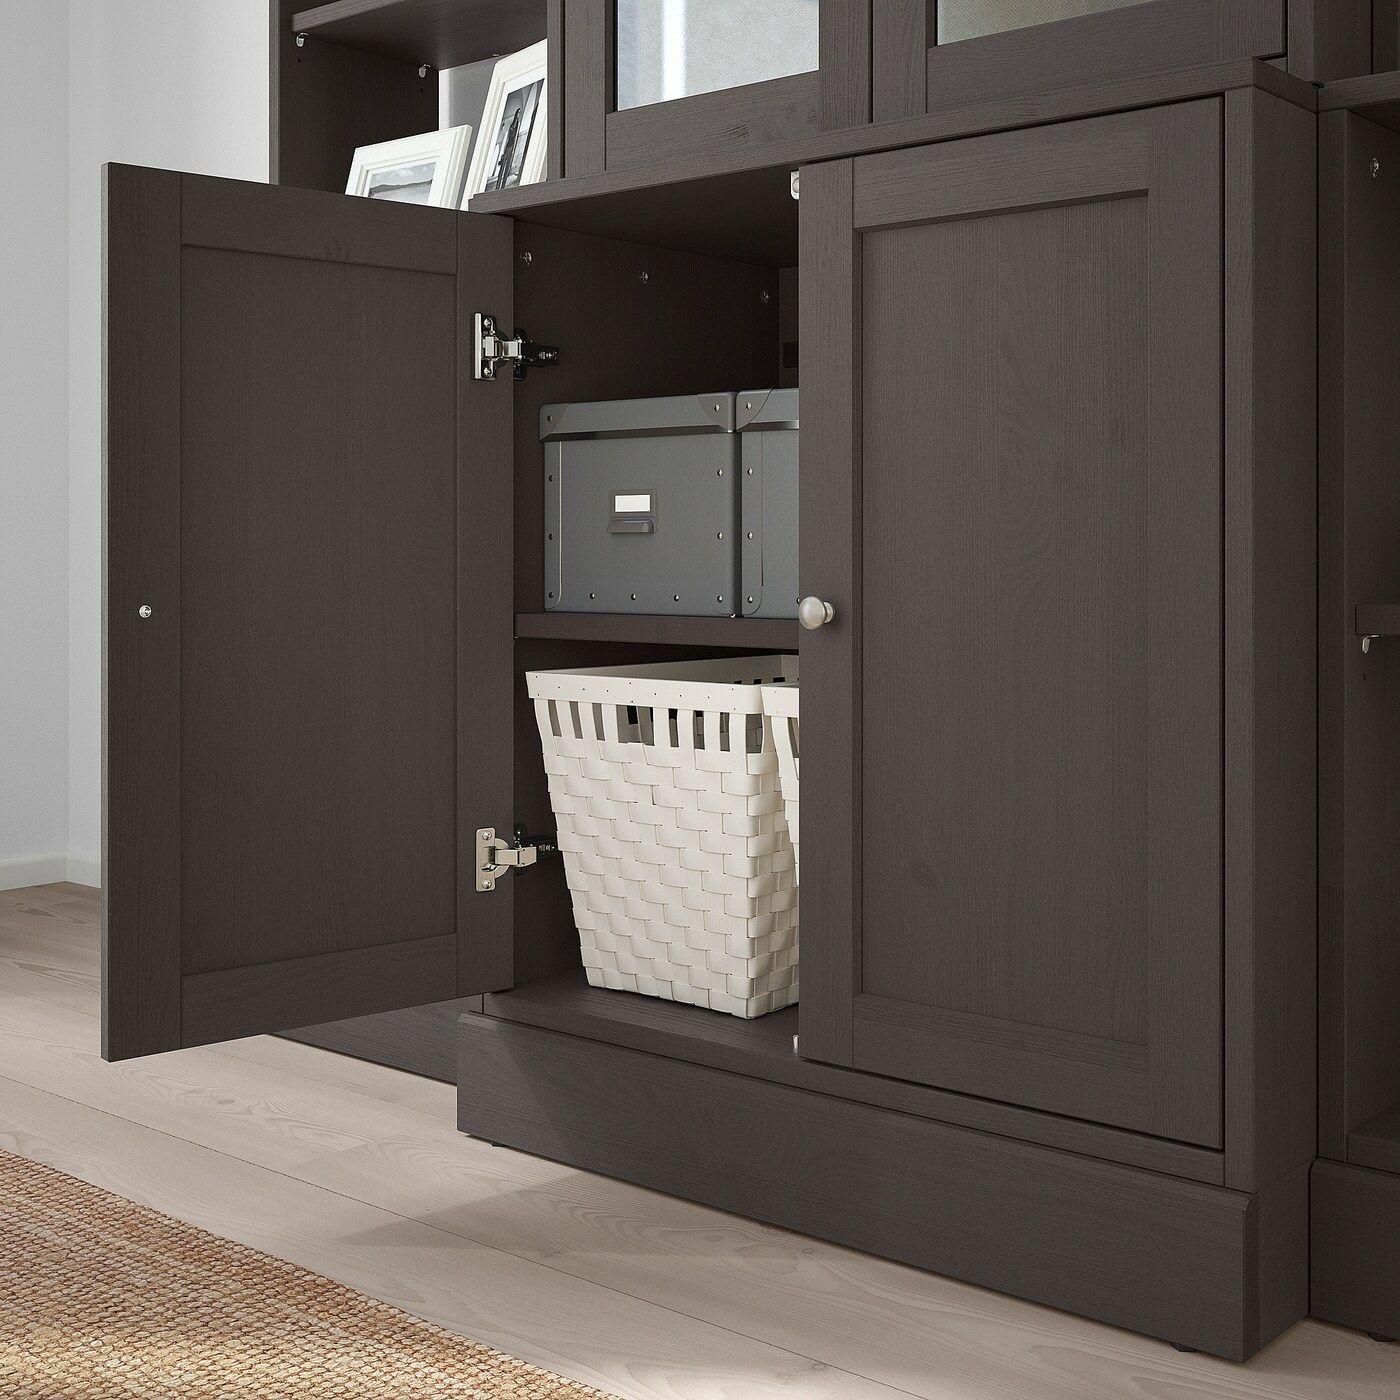 IKEA – HAVSTA Storage with glass doors Dark brown